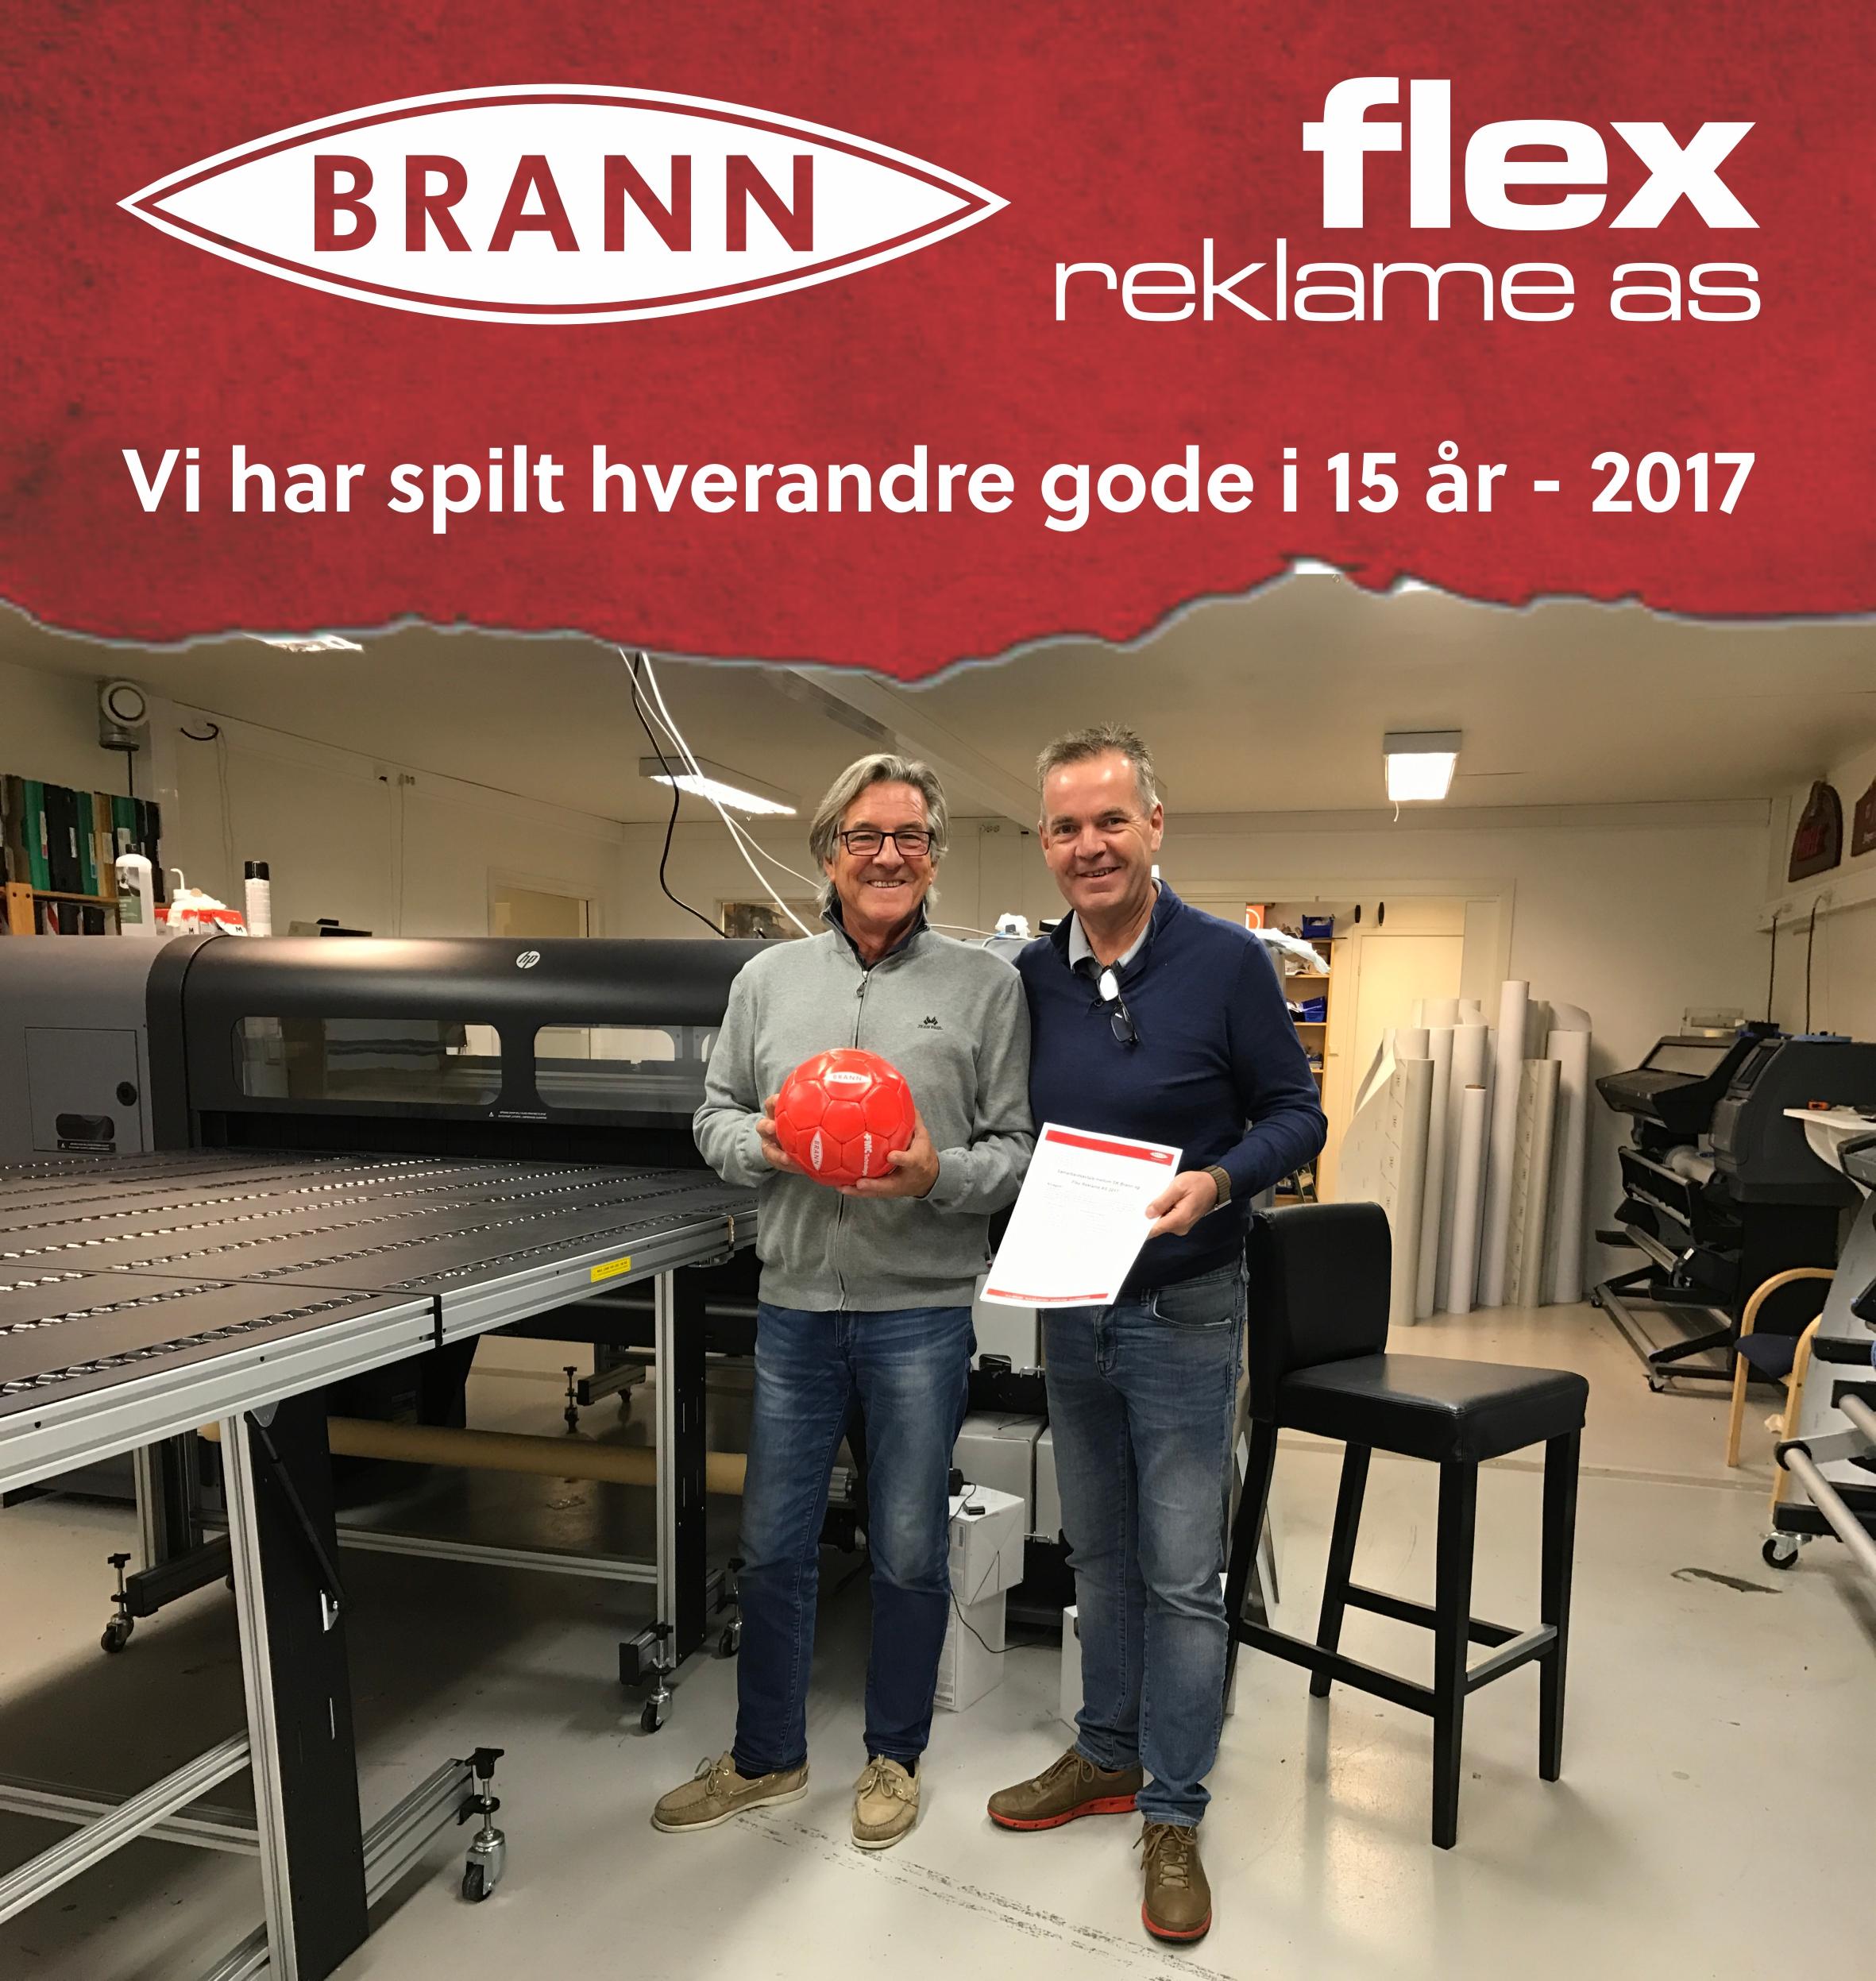 Steinar Aase (t.v) fra Sportsklubben Brann og Espen Hansen (t.h) fra Flex Reklame